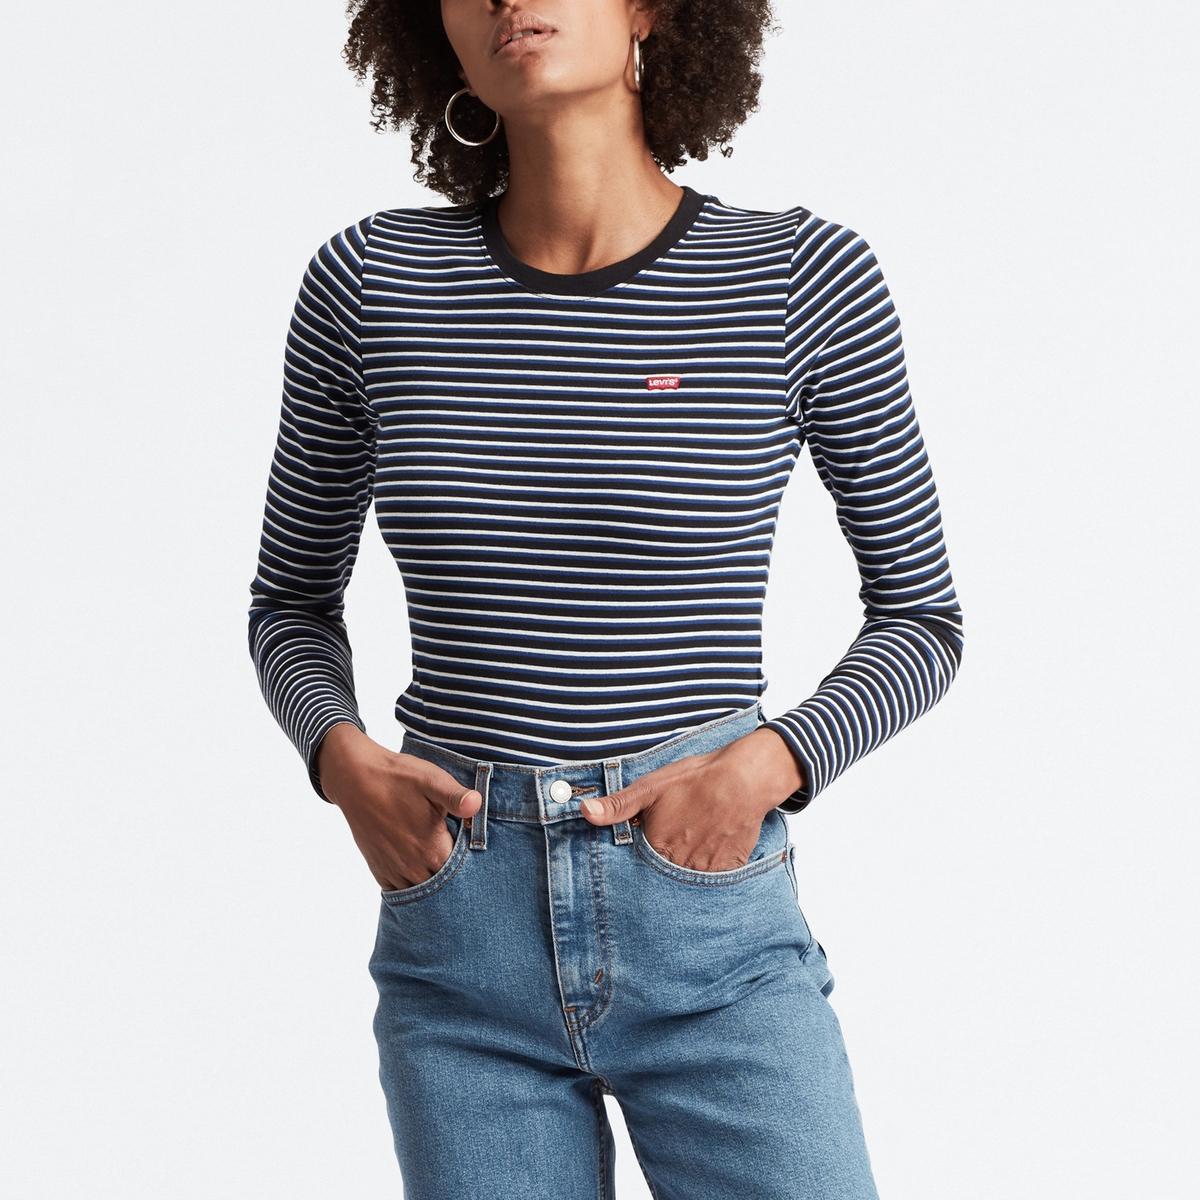 Camiseta de manga larga a rayas